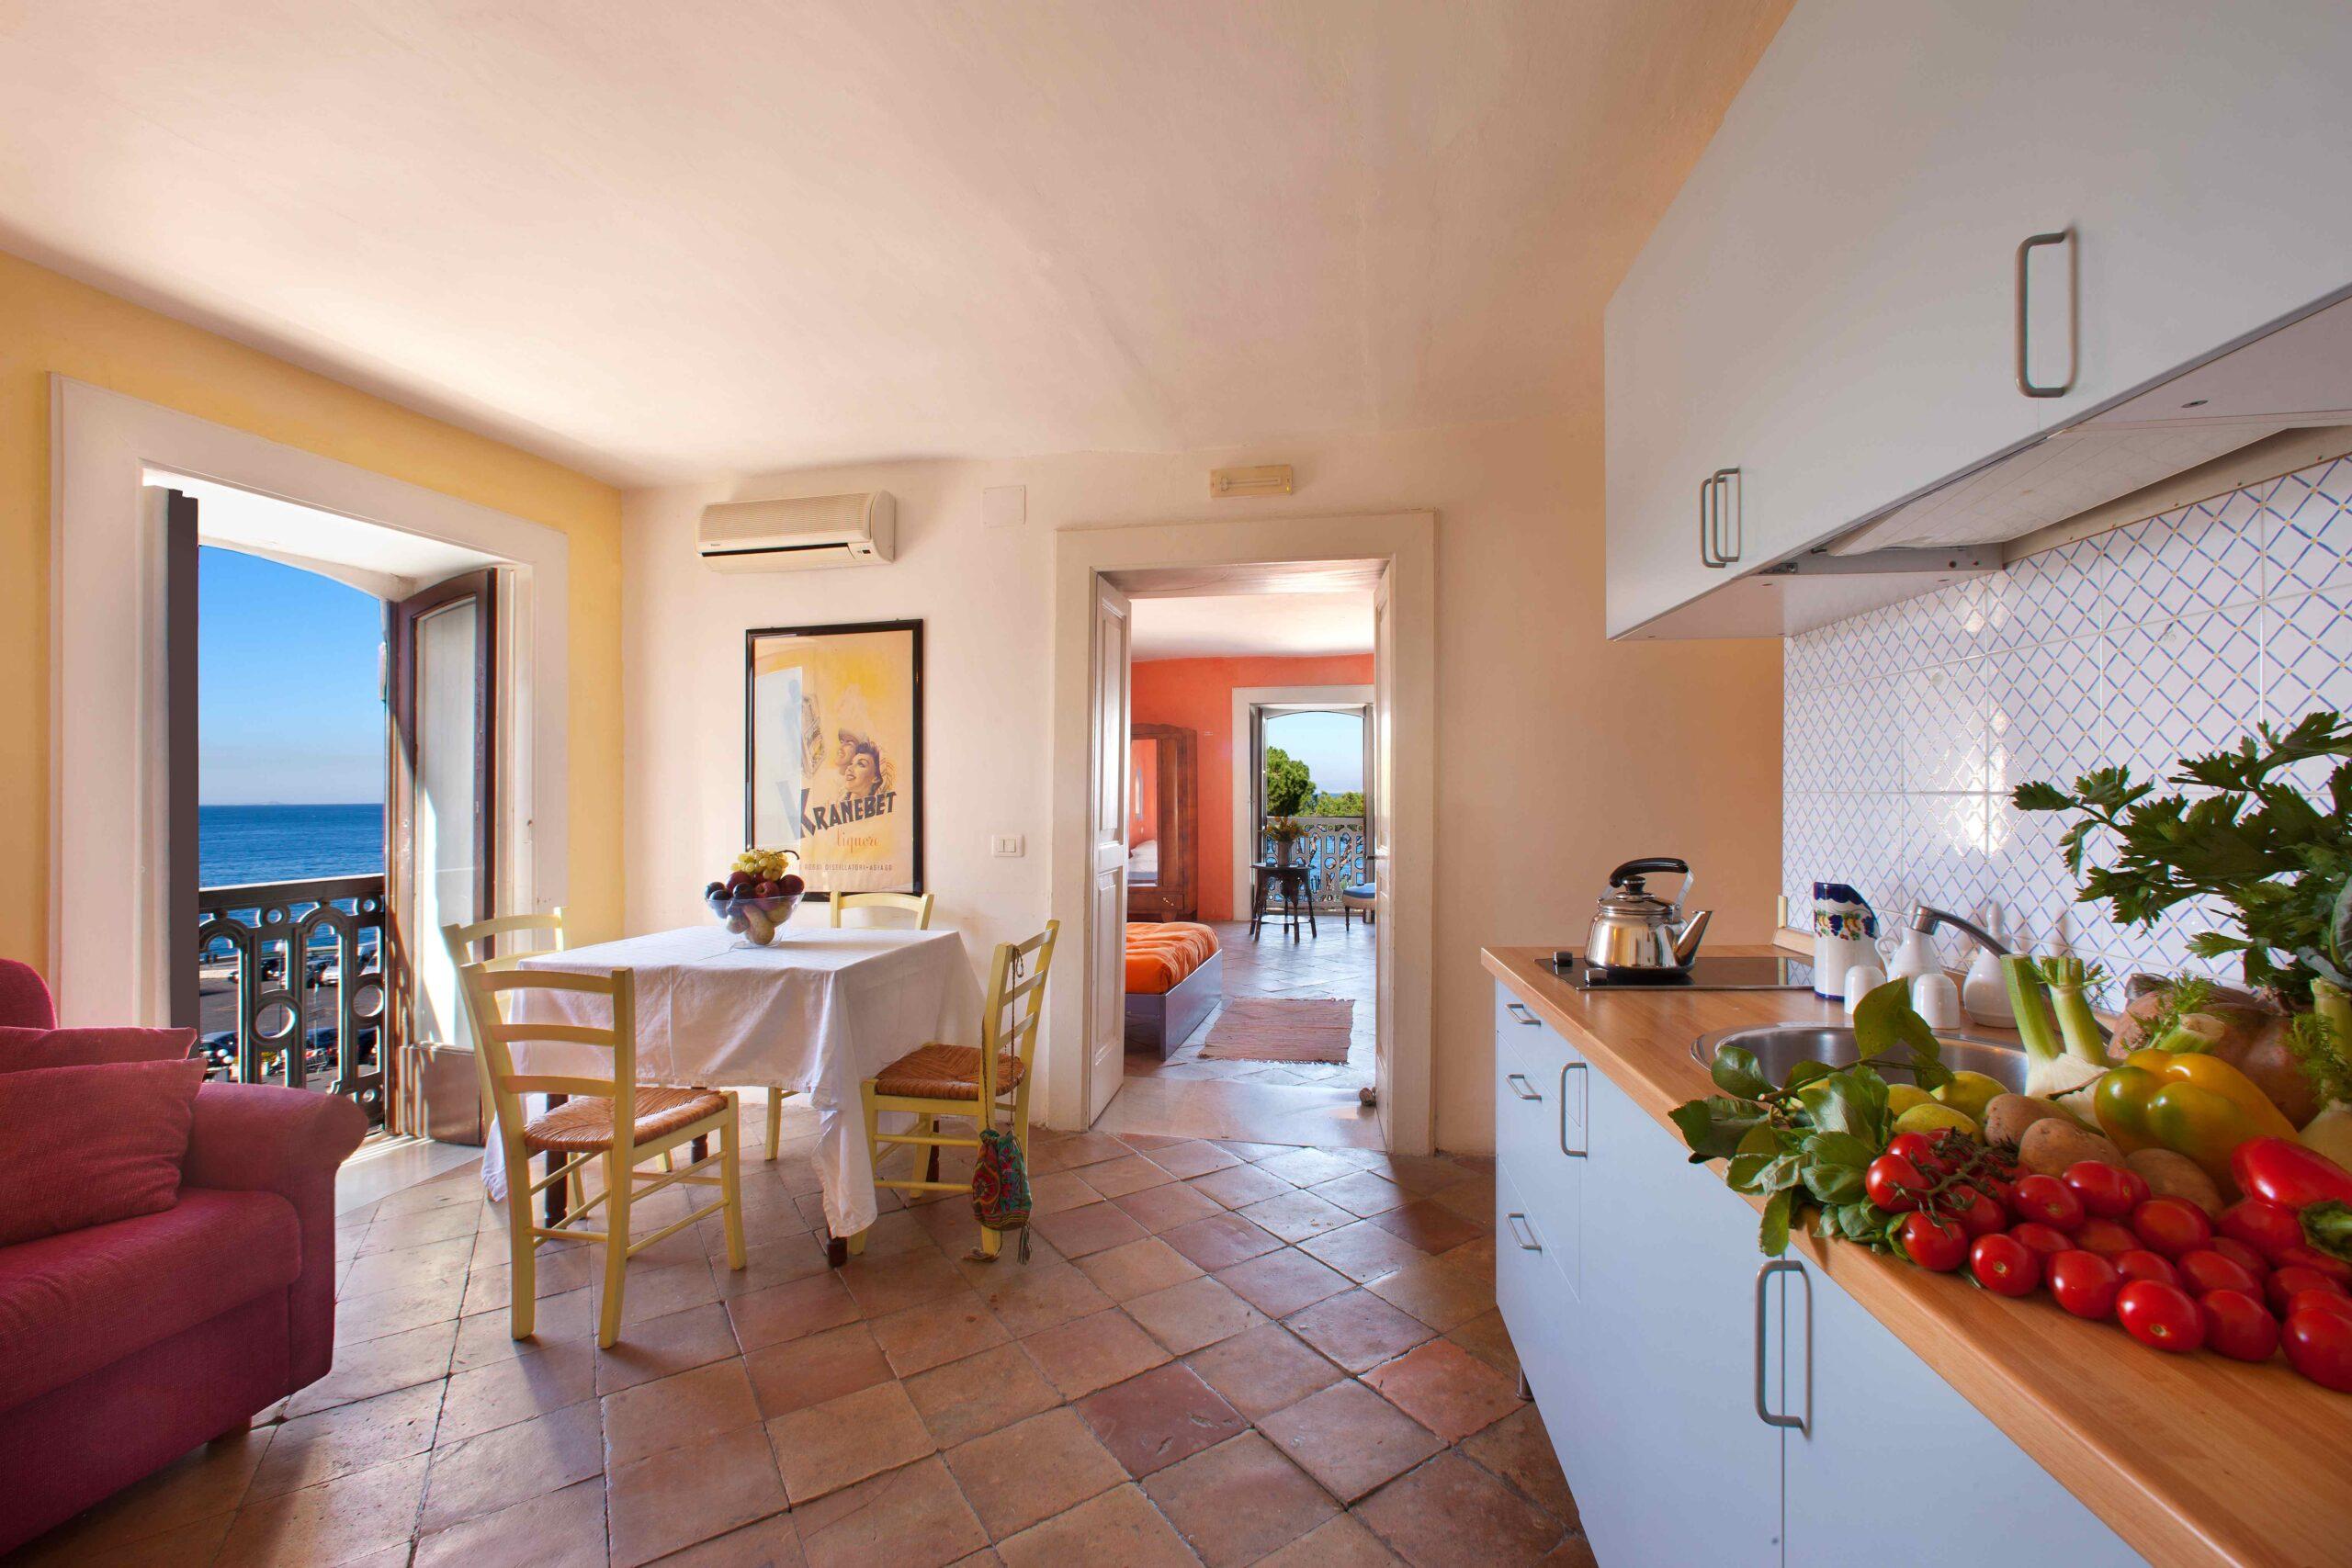 Marina Piccola 73 - Appartamenti